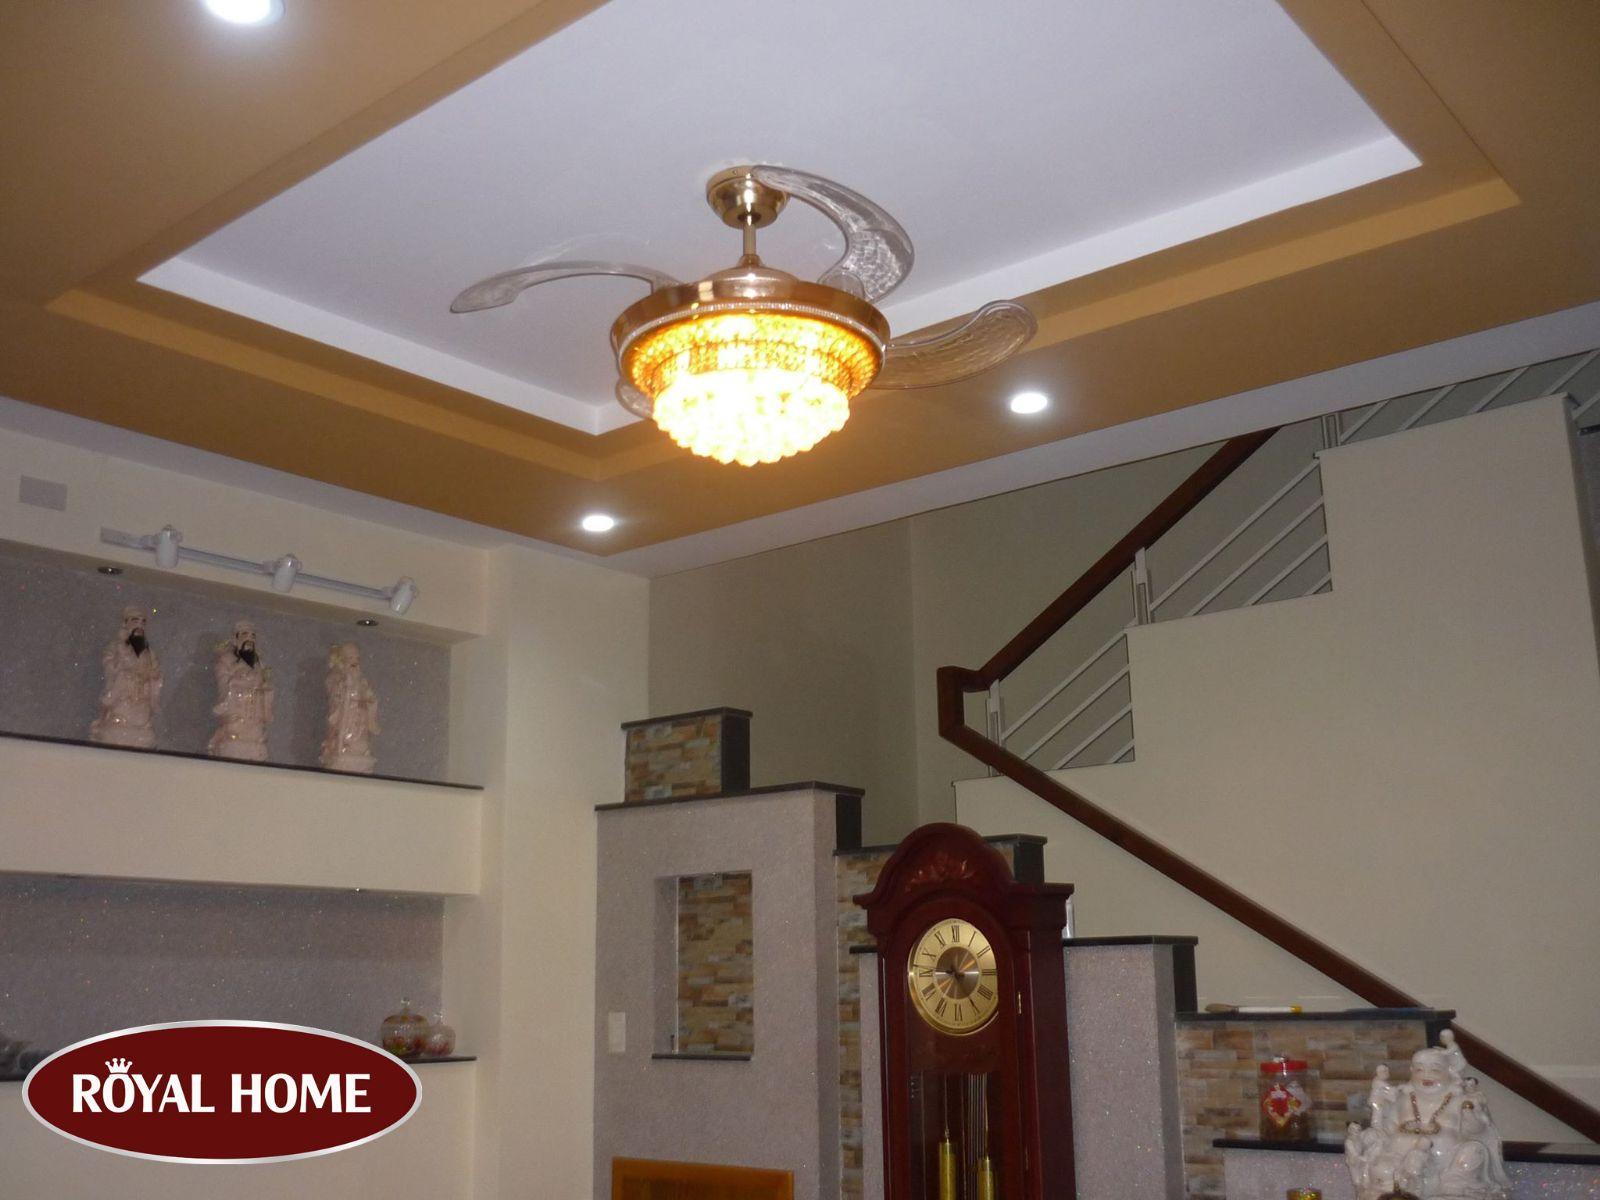 Bật mí đơn vị bán quạt trần có đèn trang trí uy tín nhất tại Hà Nội